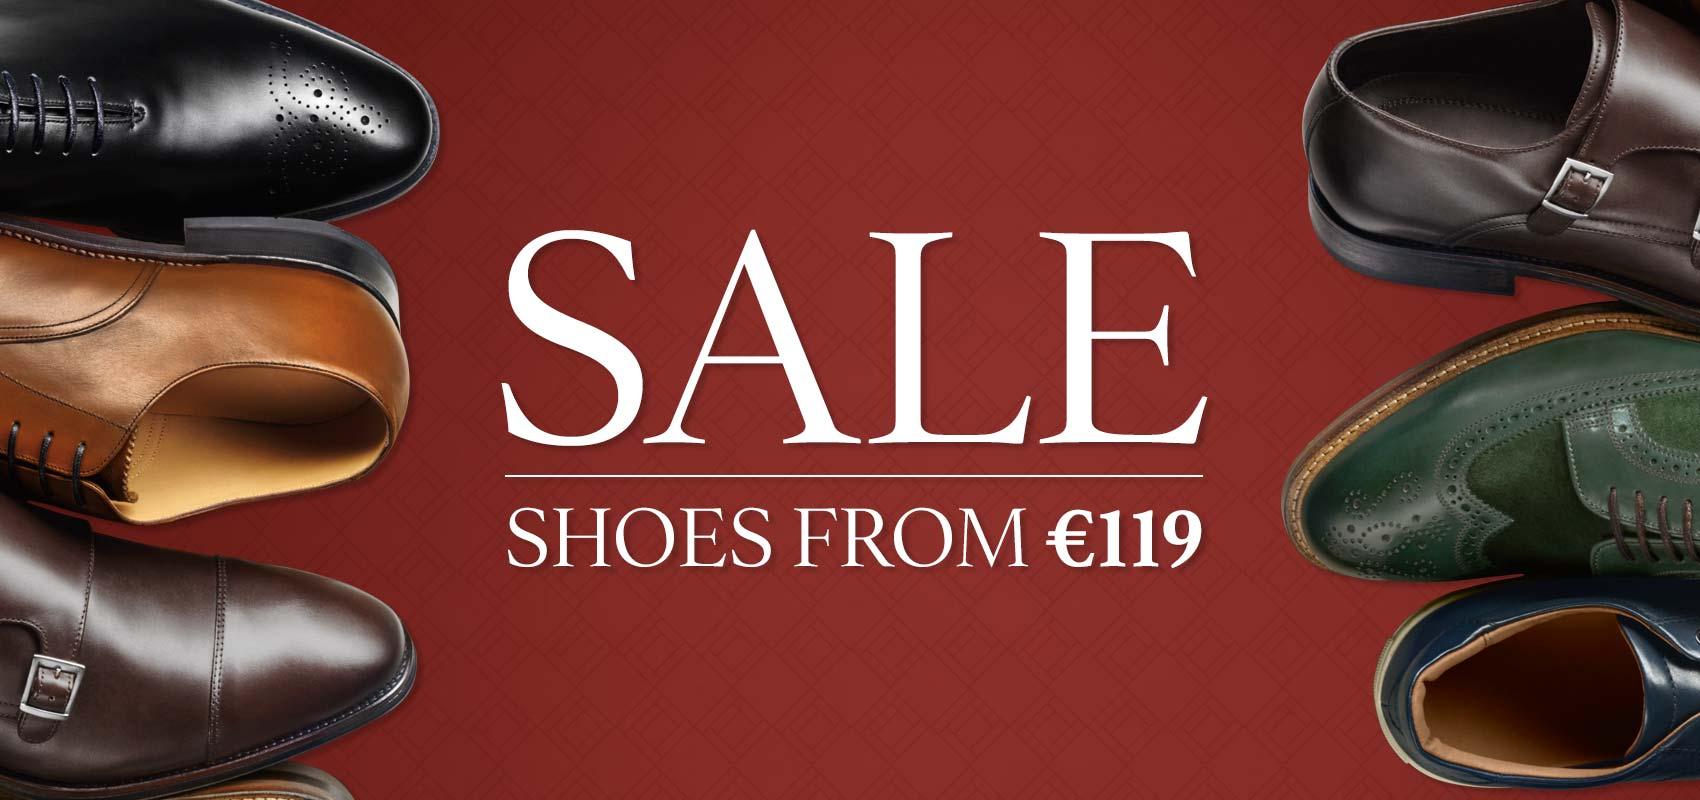 Charles Tyrwhitt men's shoe sale